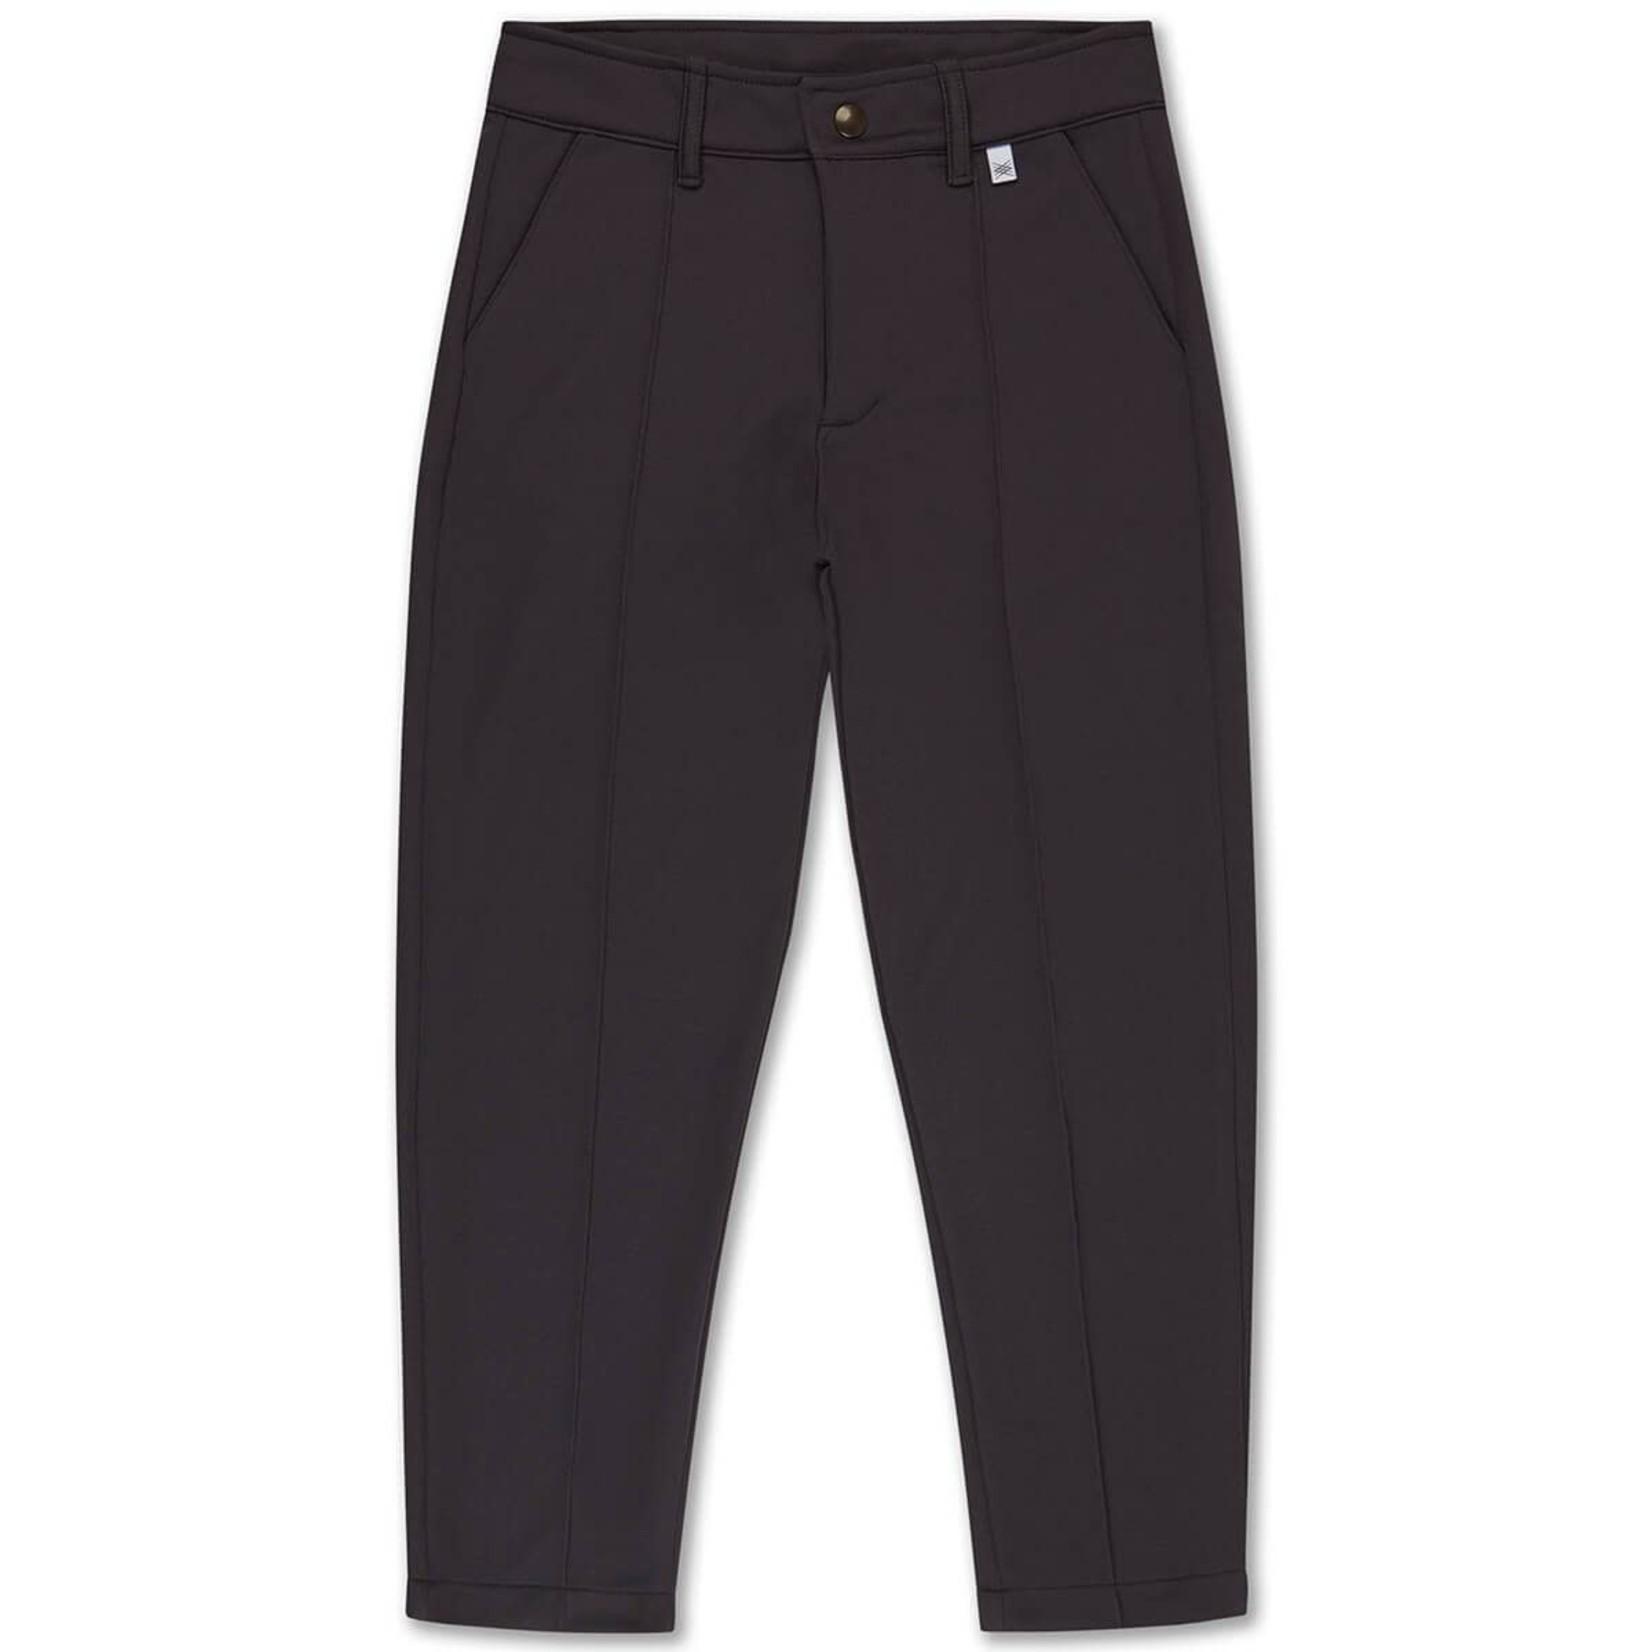 REPOSE AMS REPOSE track pants